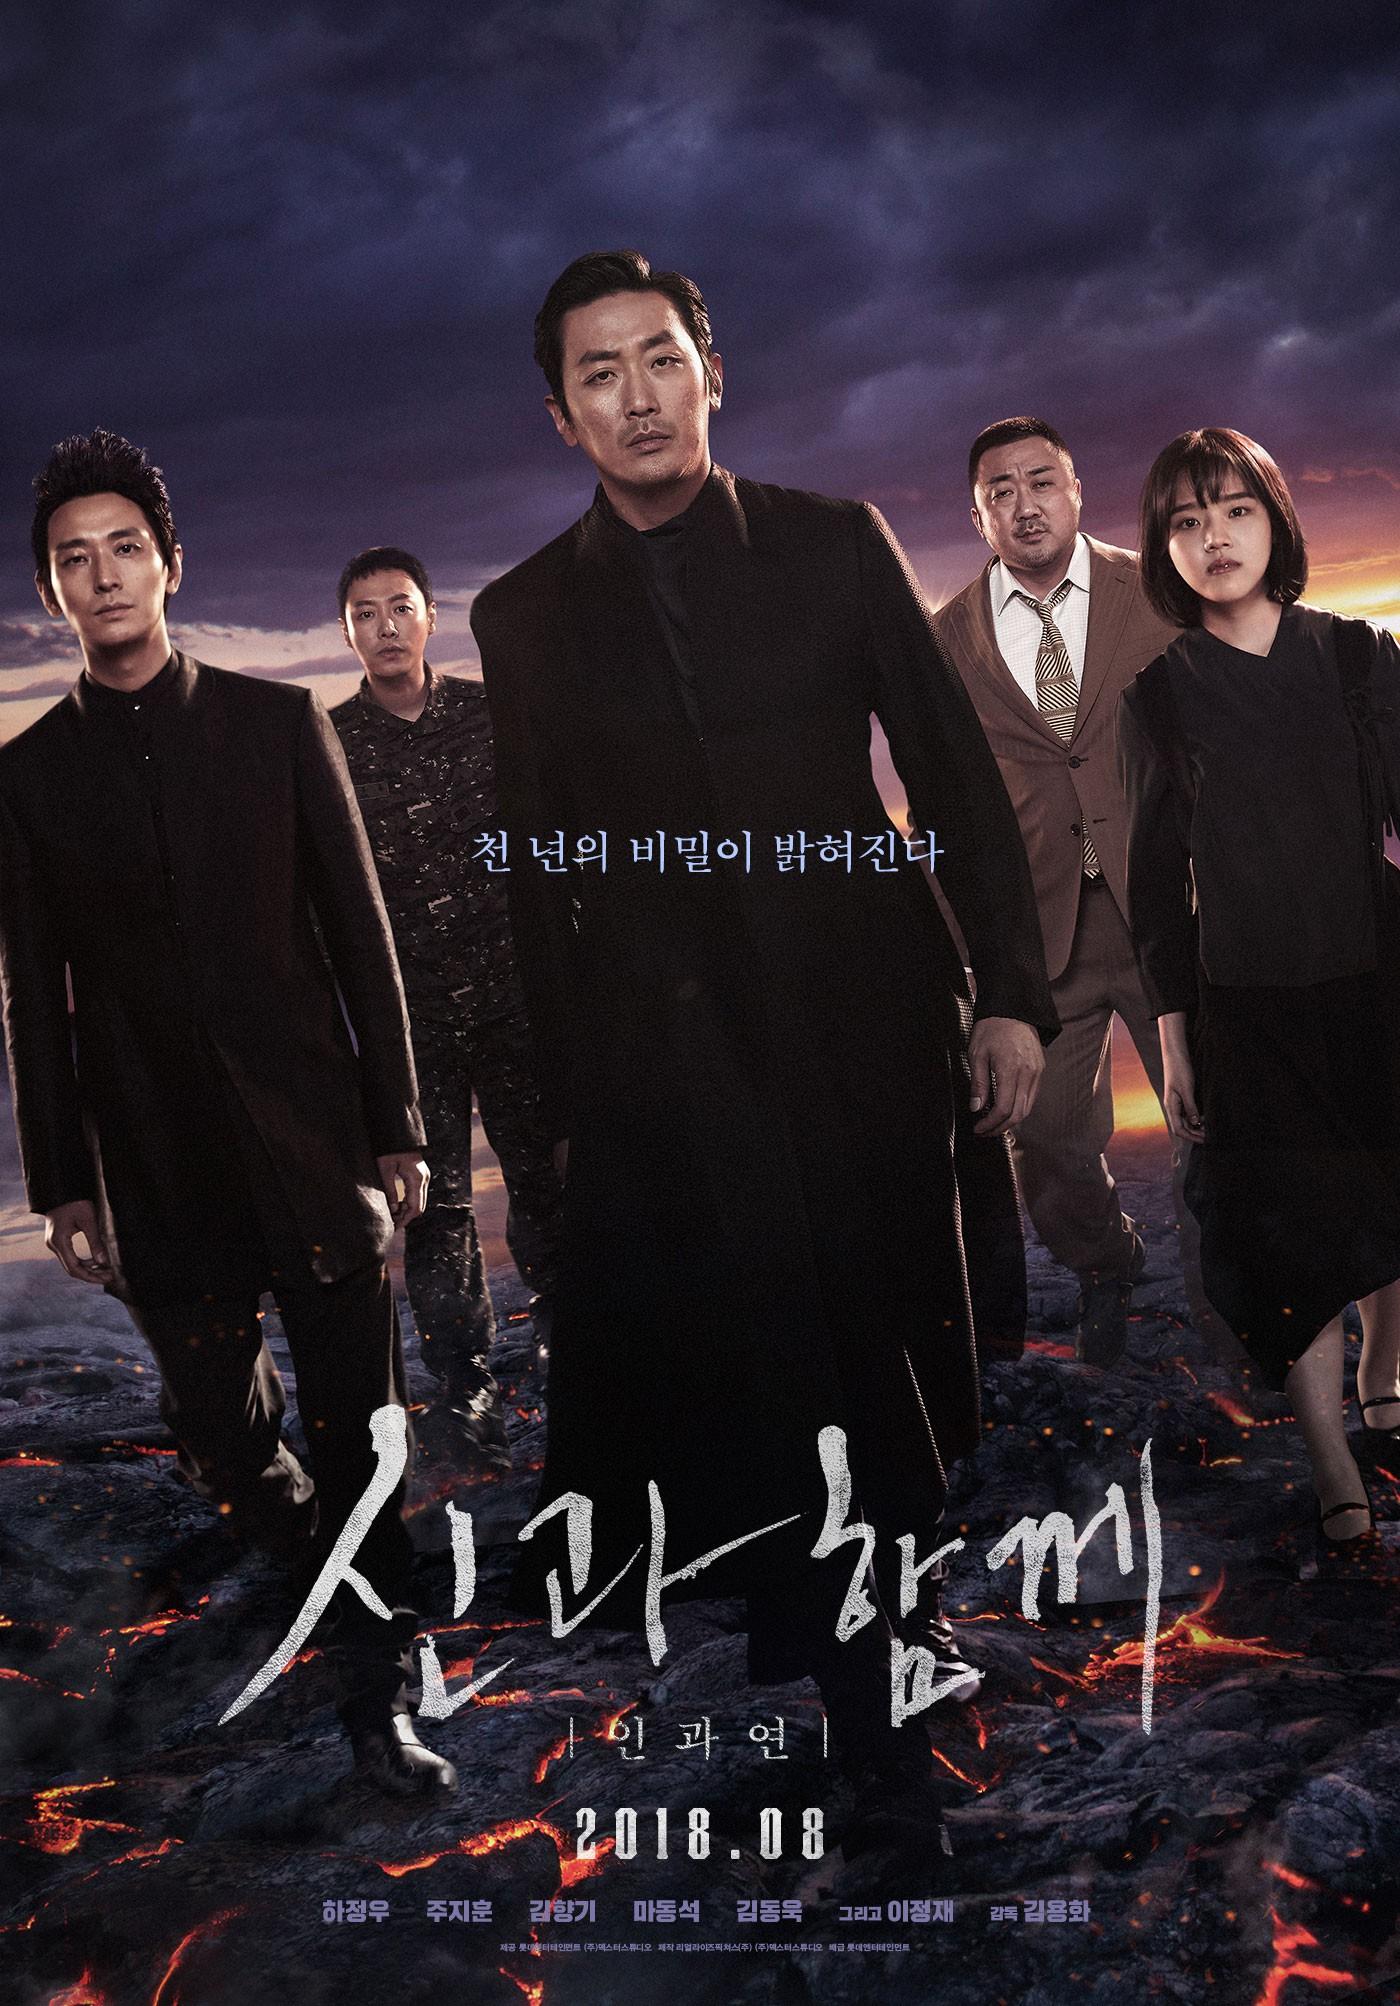 Gần 10 năm hậu scandal, Thái tử Shin đã trở lại thời hoàng kim đầy ngoạn mục! - Ảnh 4.